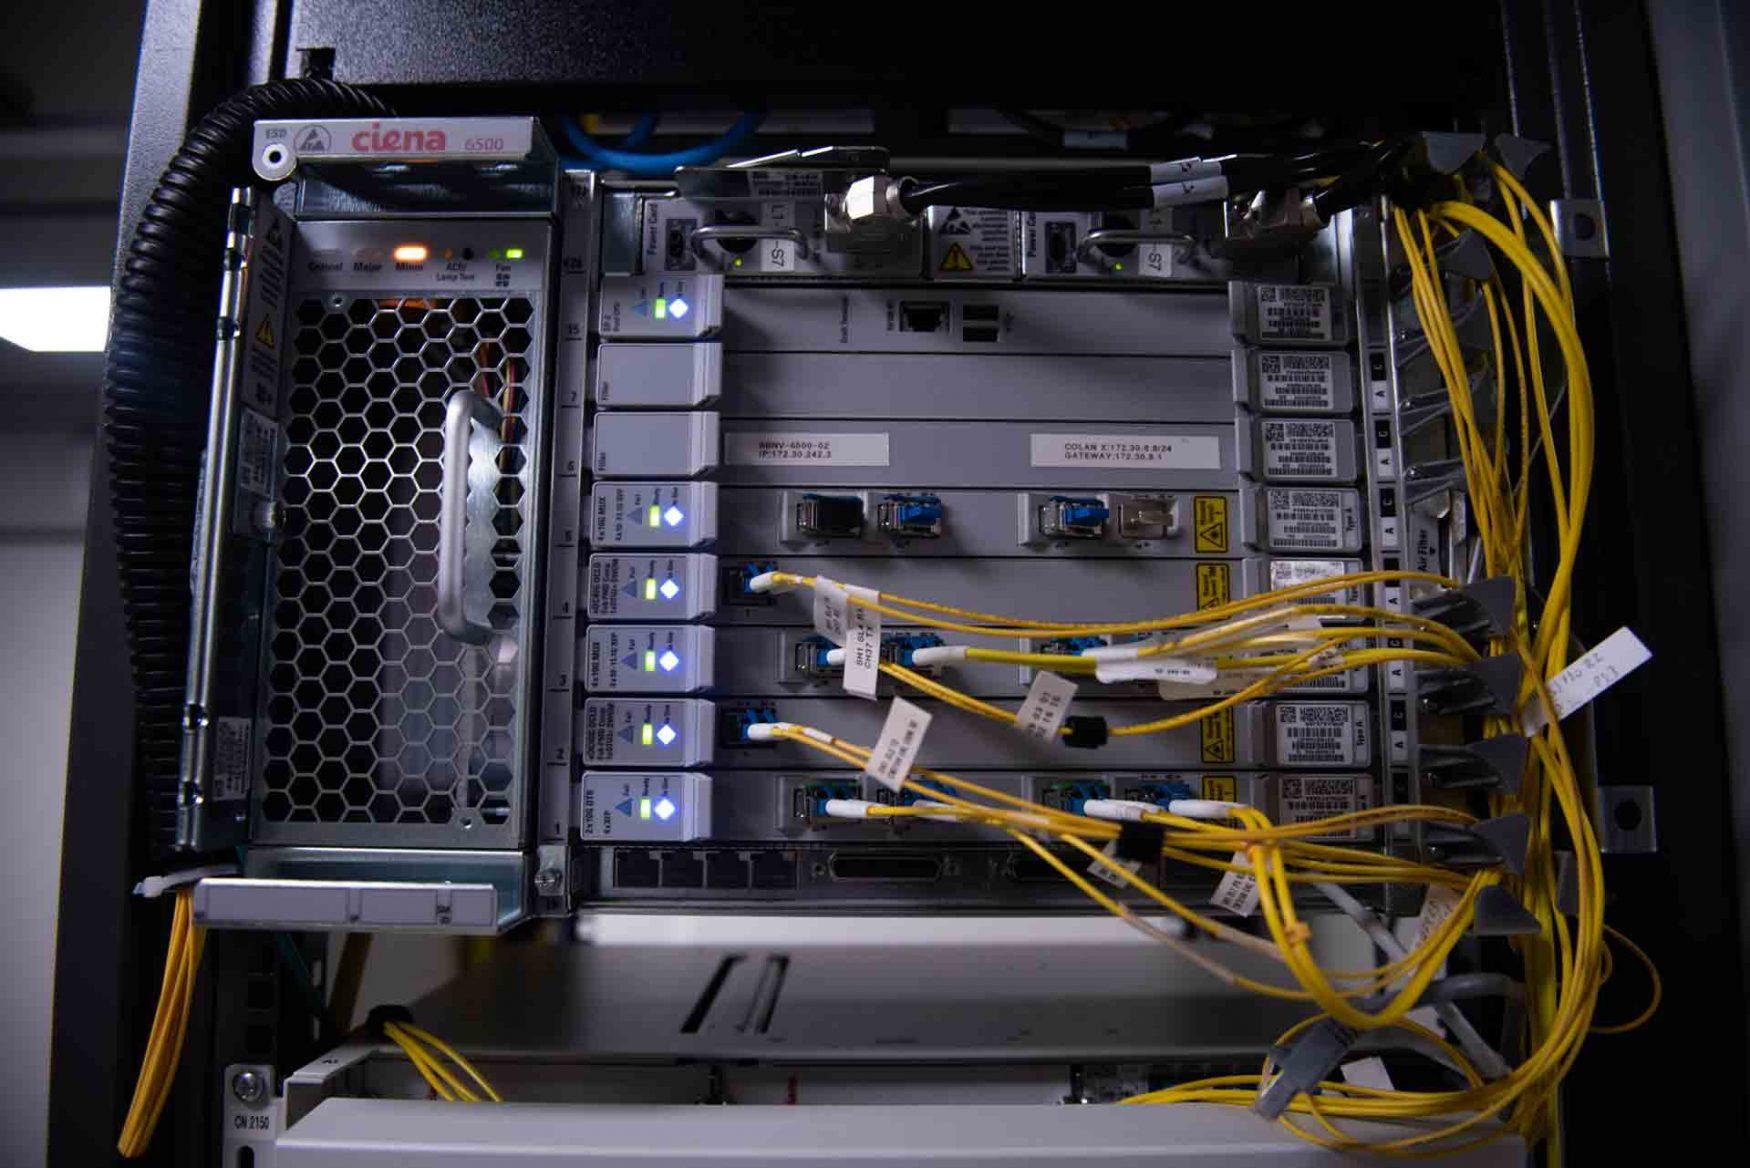 Interior de un rack con luces, entrada de conectores y cables amarillos conectados en una sala del Centro Nacional de Datos.